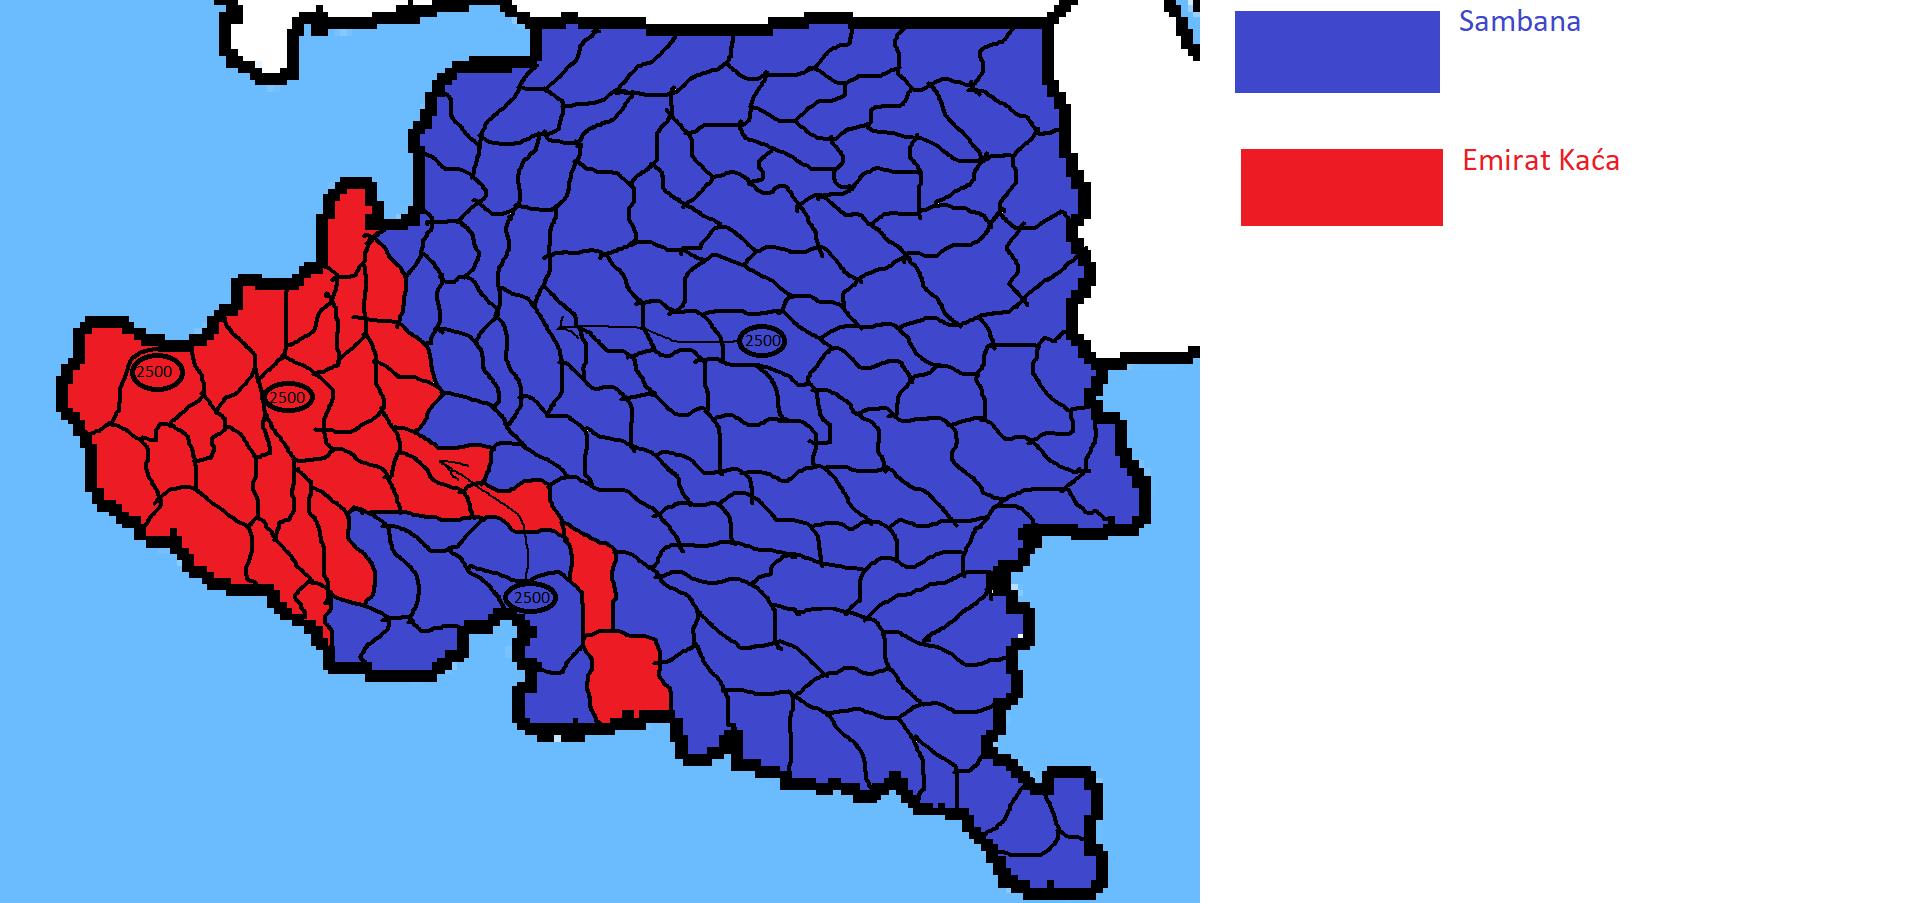 Mapa_podziau_politycznegoarmii_Sambana_1.png